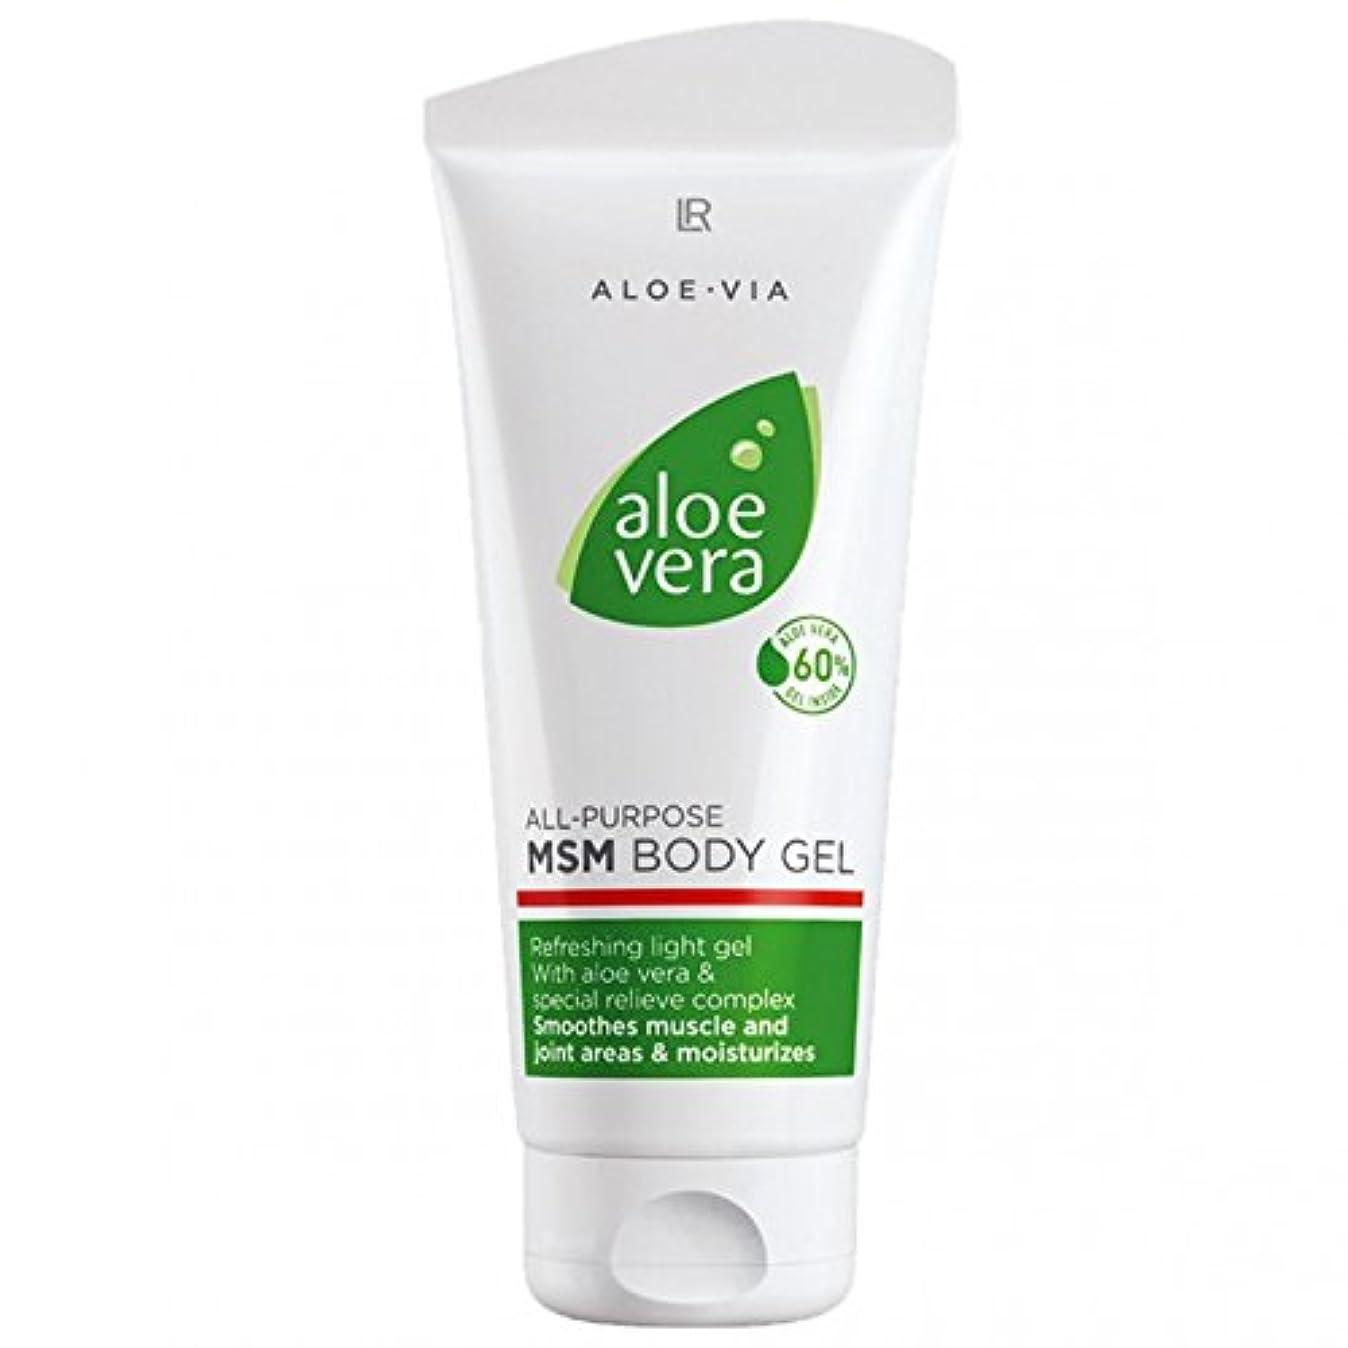 マスタード浸す副産物L R アロエベラMSMボディジェル美容や化粧品、滑らかな、迅速な吸収ゲル%60アロエベラ200ミリリットル